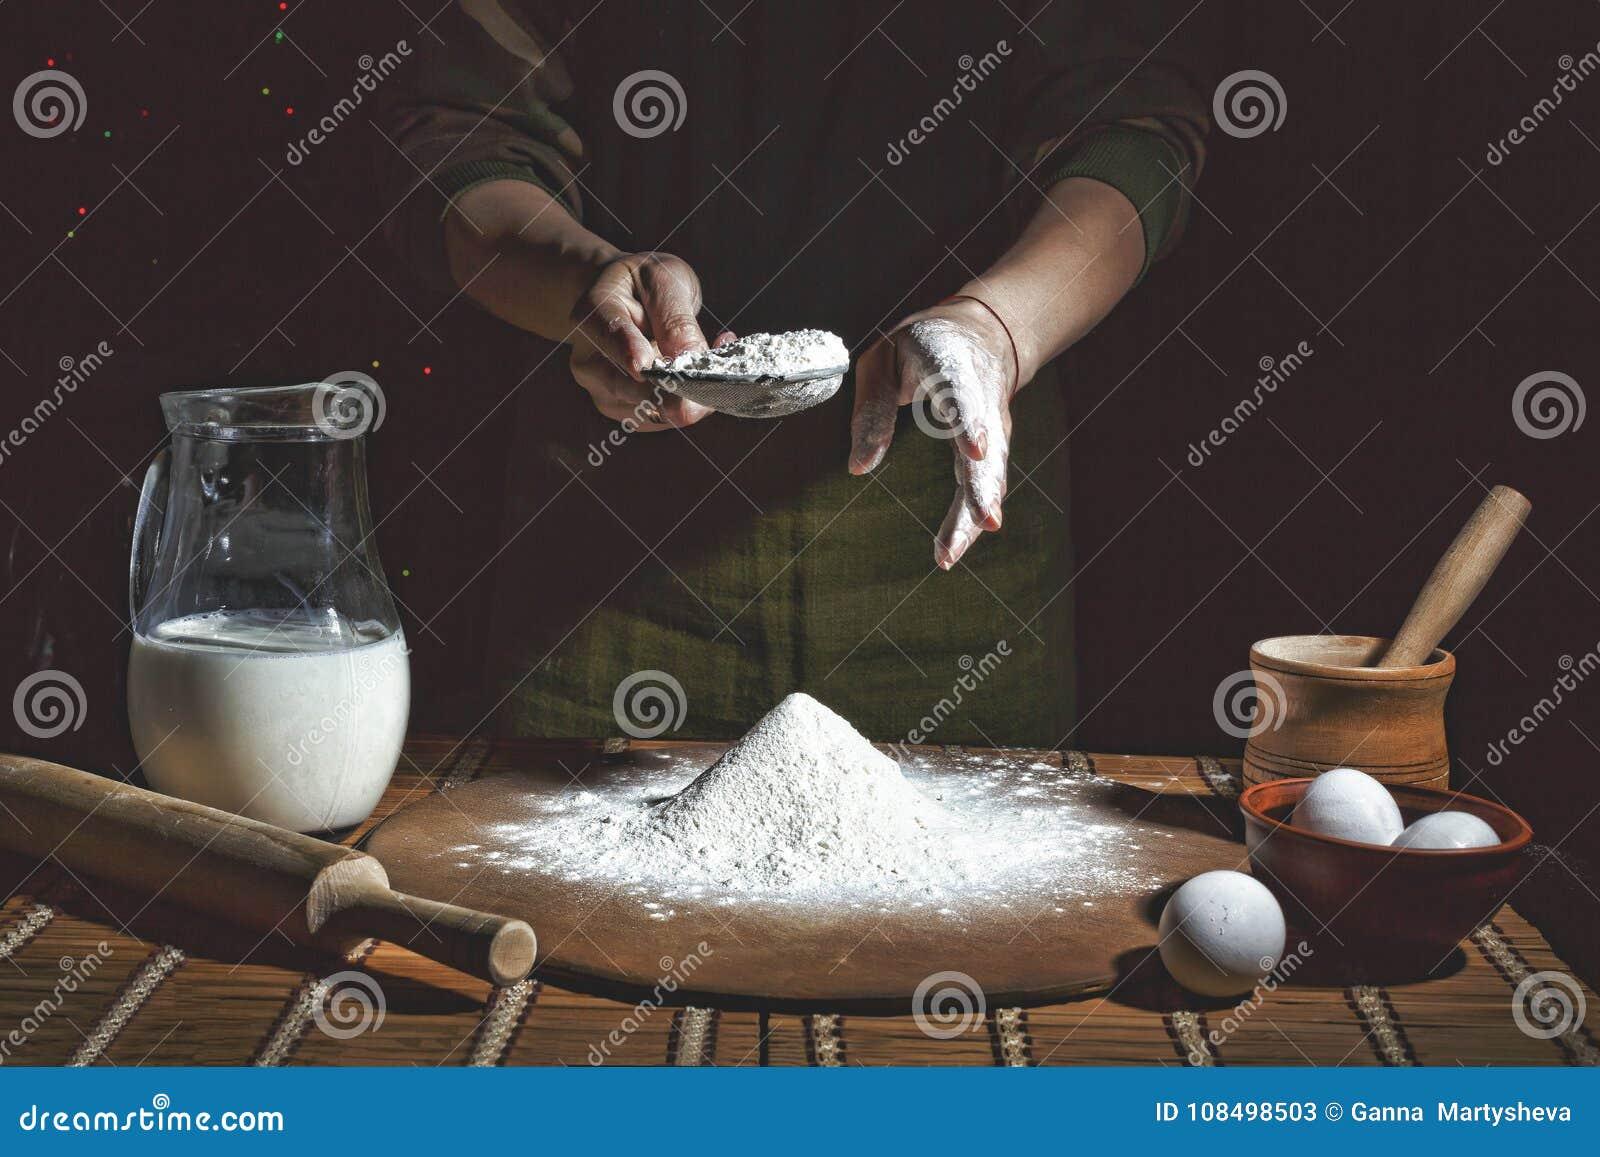 Het maken van brood, retro gestileerde beeldspraak Toegevoegde korrel bakkerij Voorbereiding van brooddeeg